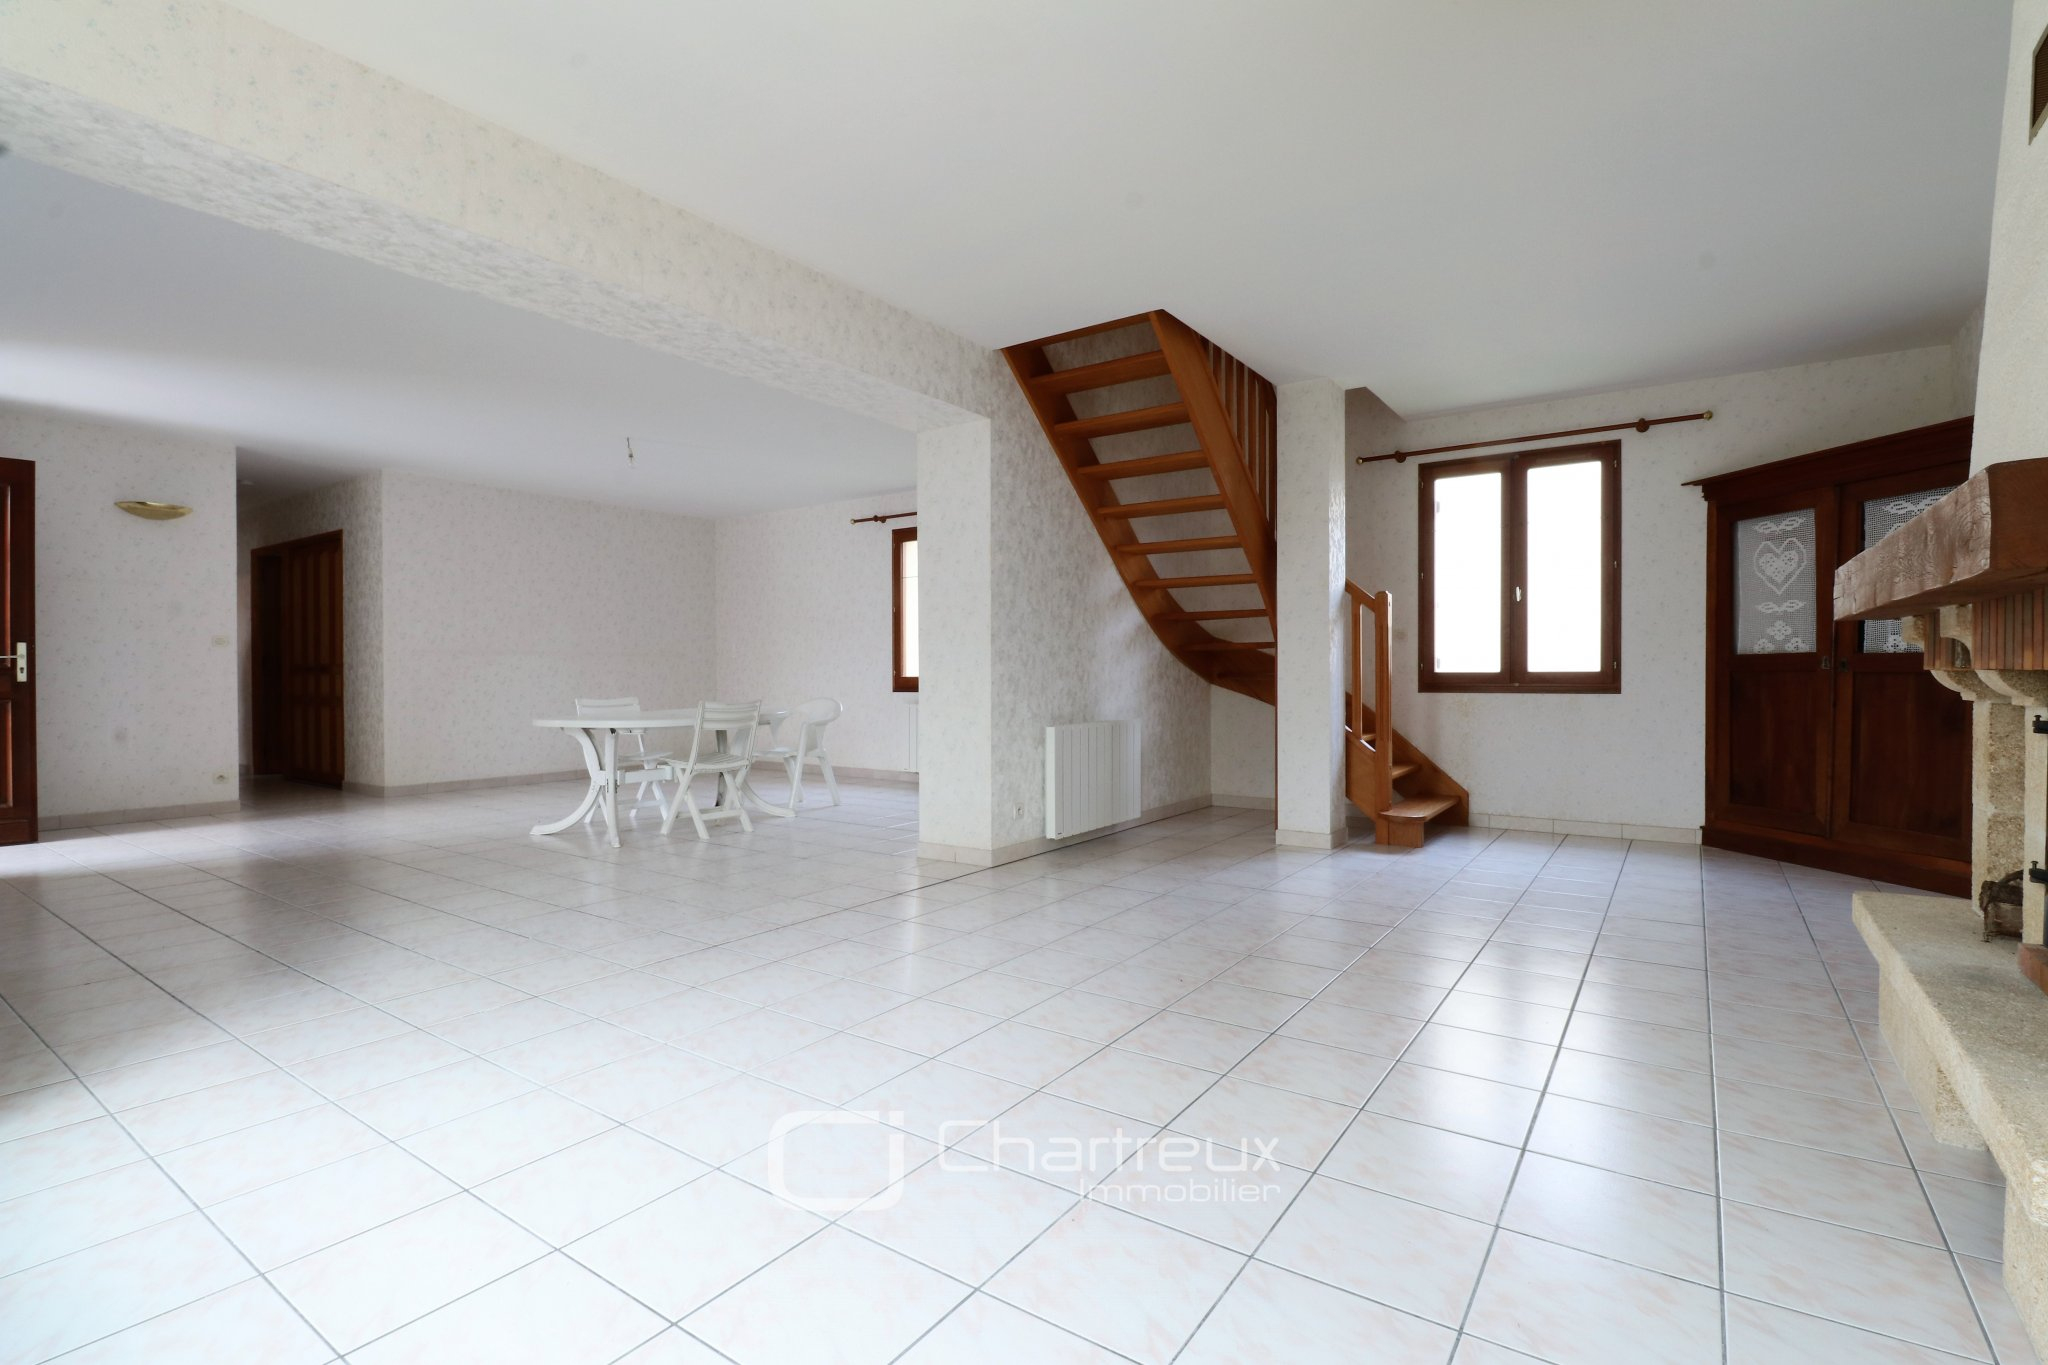 Maison/villa À Saint Palais Sur Mer De 131.87M2 à Piscine Des Chartreux